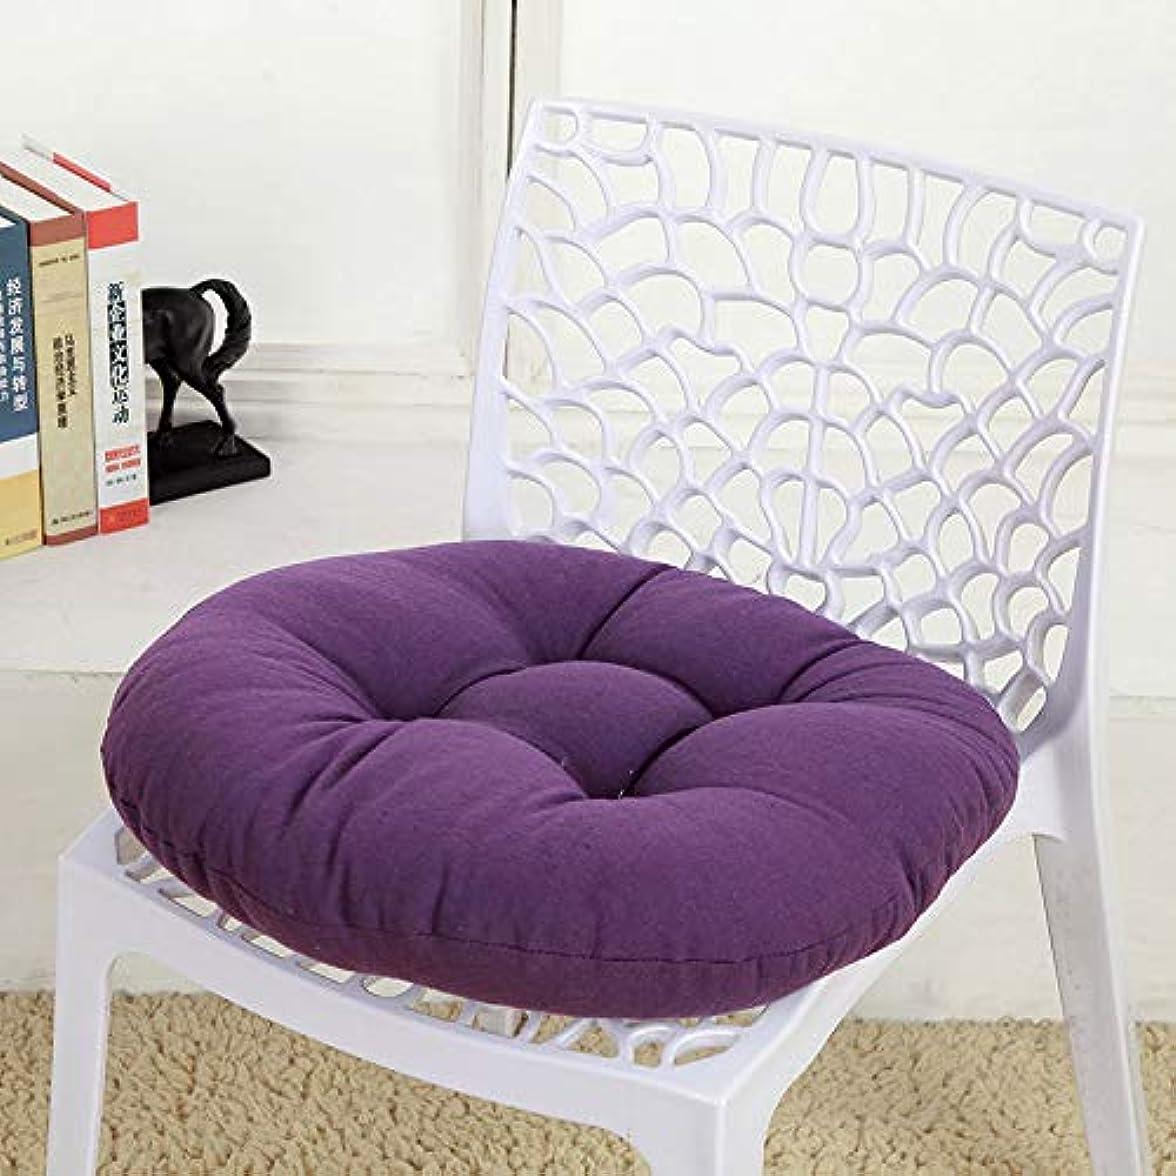 ラッシュ俳優クルーSMART キャンディカラーのクッションラウンドシートクッション波ウィンドウシートクッションクッション家の装飾パッドラウンド枕シート枕椅子座る枕 クッション 椅子